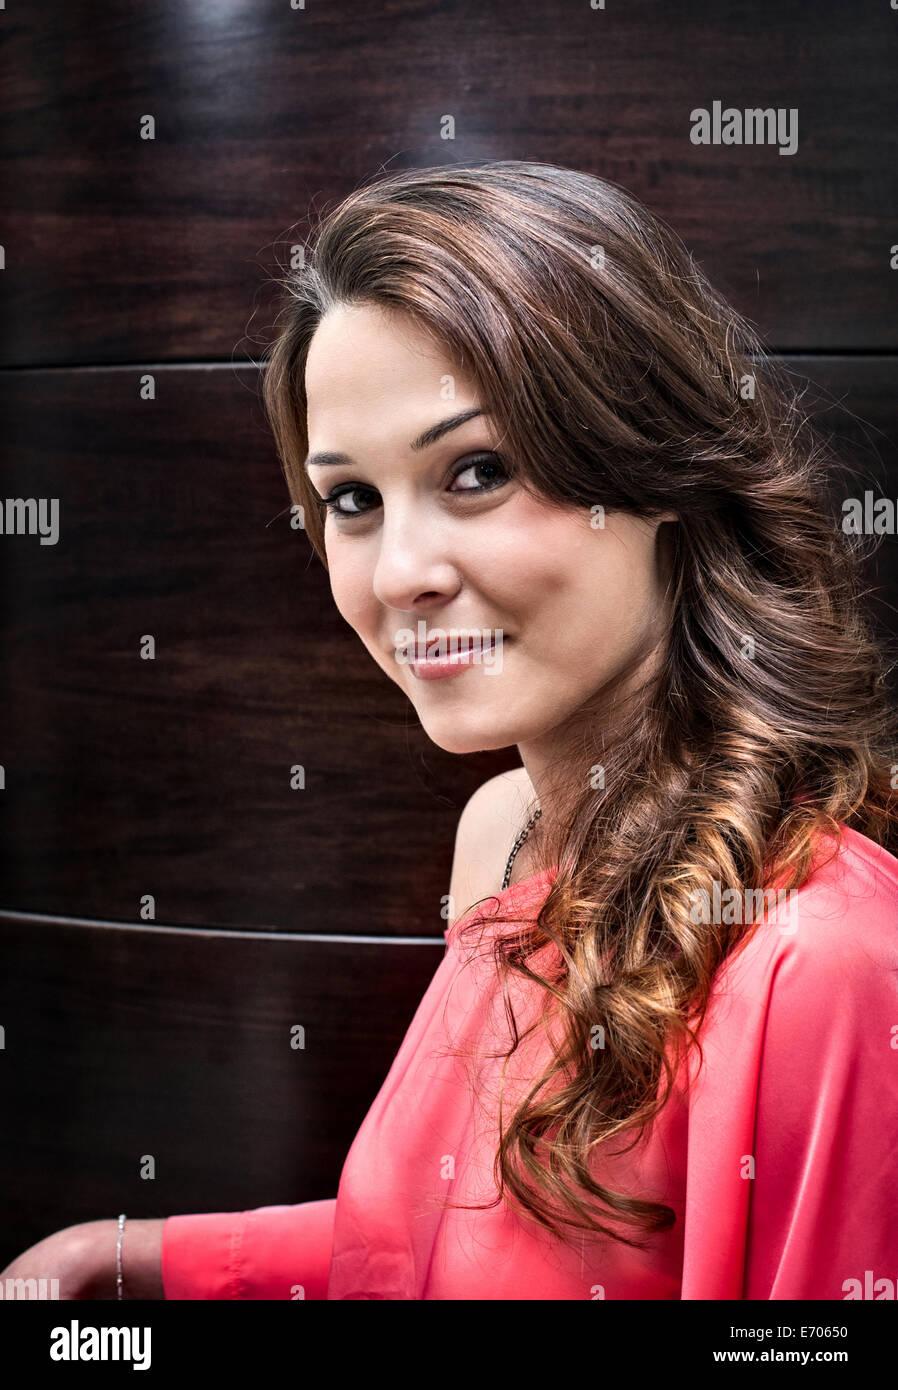 Retrato de mujer joven en peluquería con largo cabello morena ringletted Imagen De Stock